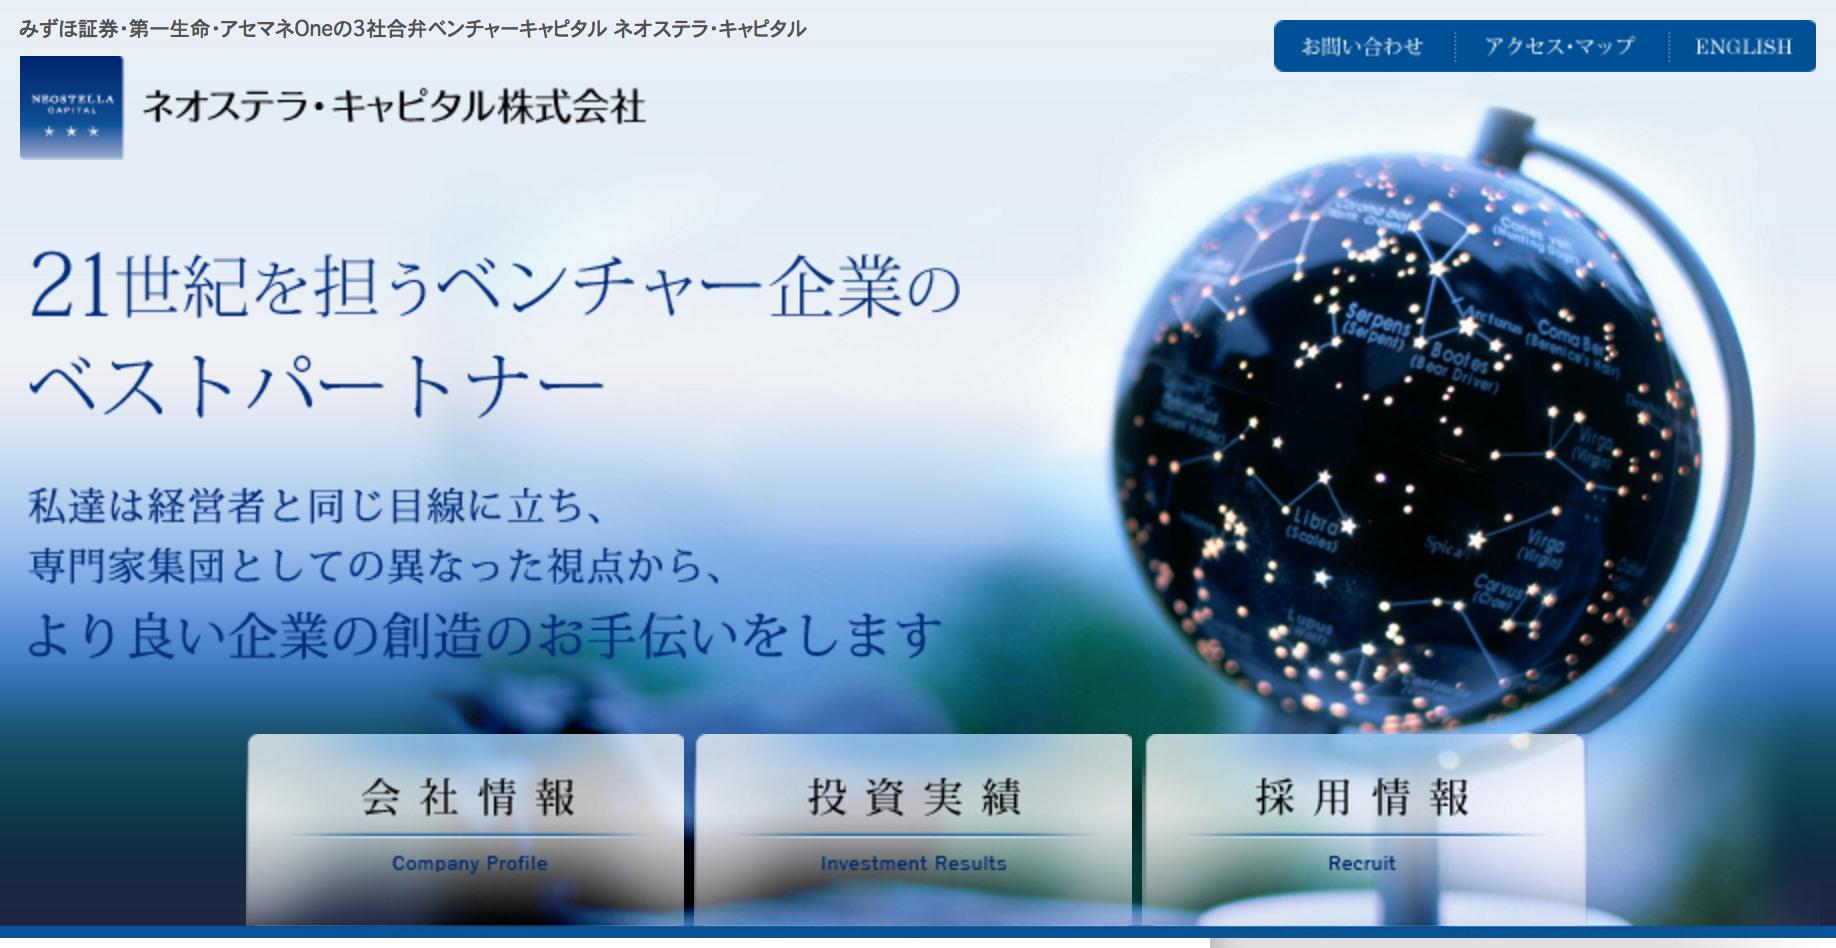 【2017年版】日本の 金融系 ベンチャーキャピタル VC 一覧 まとめ13選-ネオステラ・キャピタル